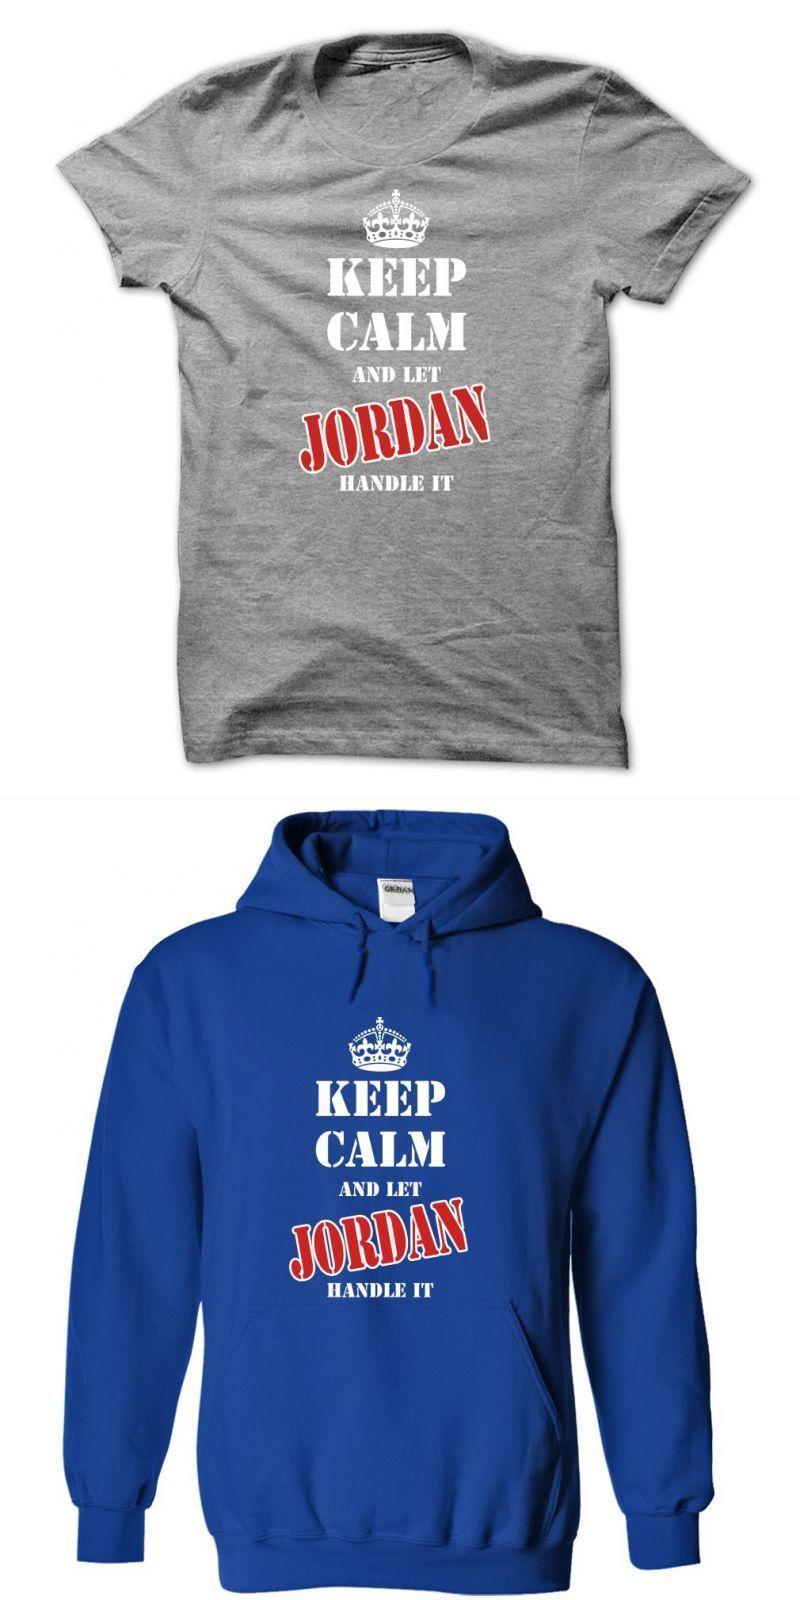 Jordan T Shirt Aliexpress Keep Calm And Let Jordan Handle It  jordan   jumpman   e754501bd6